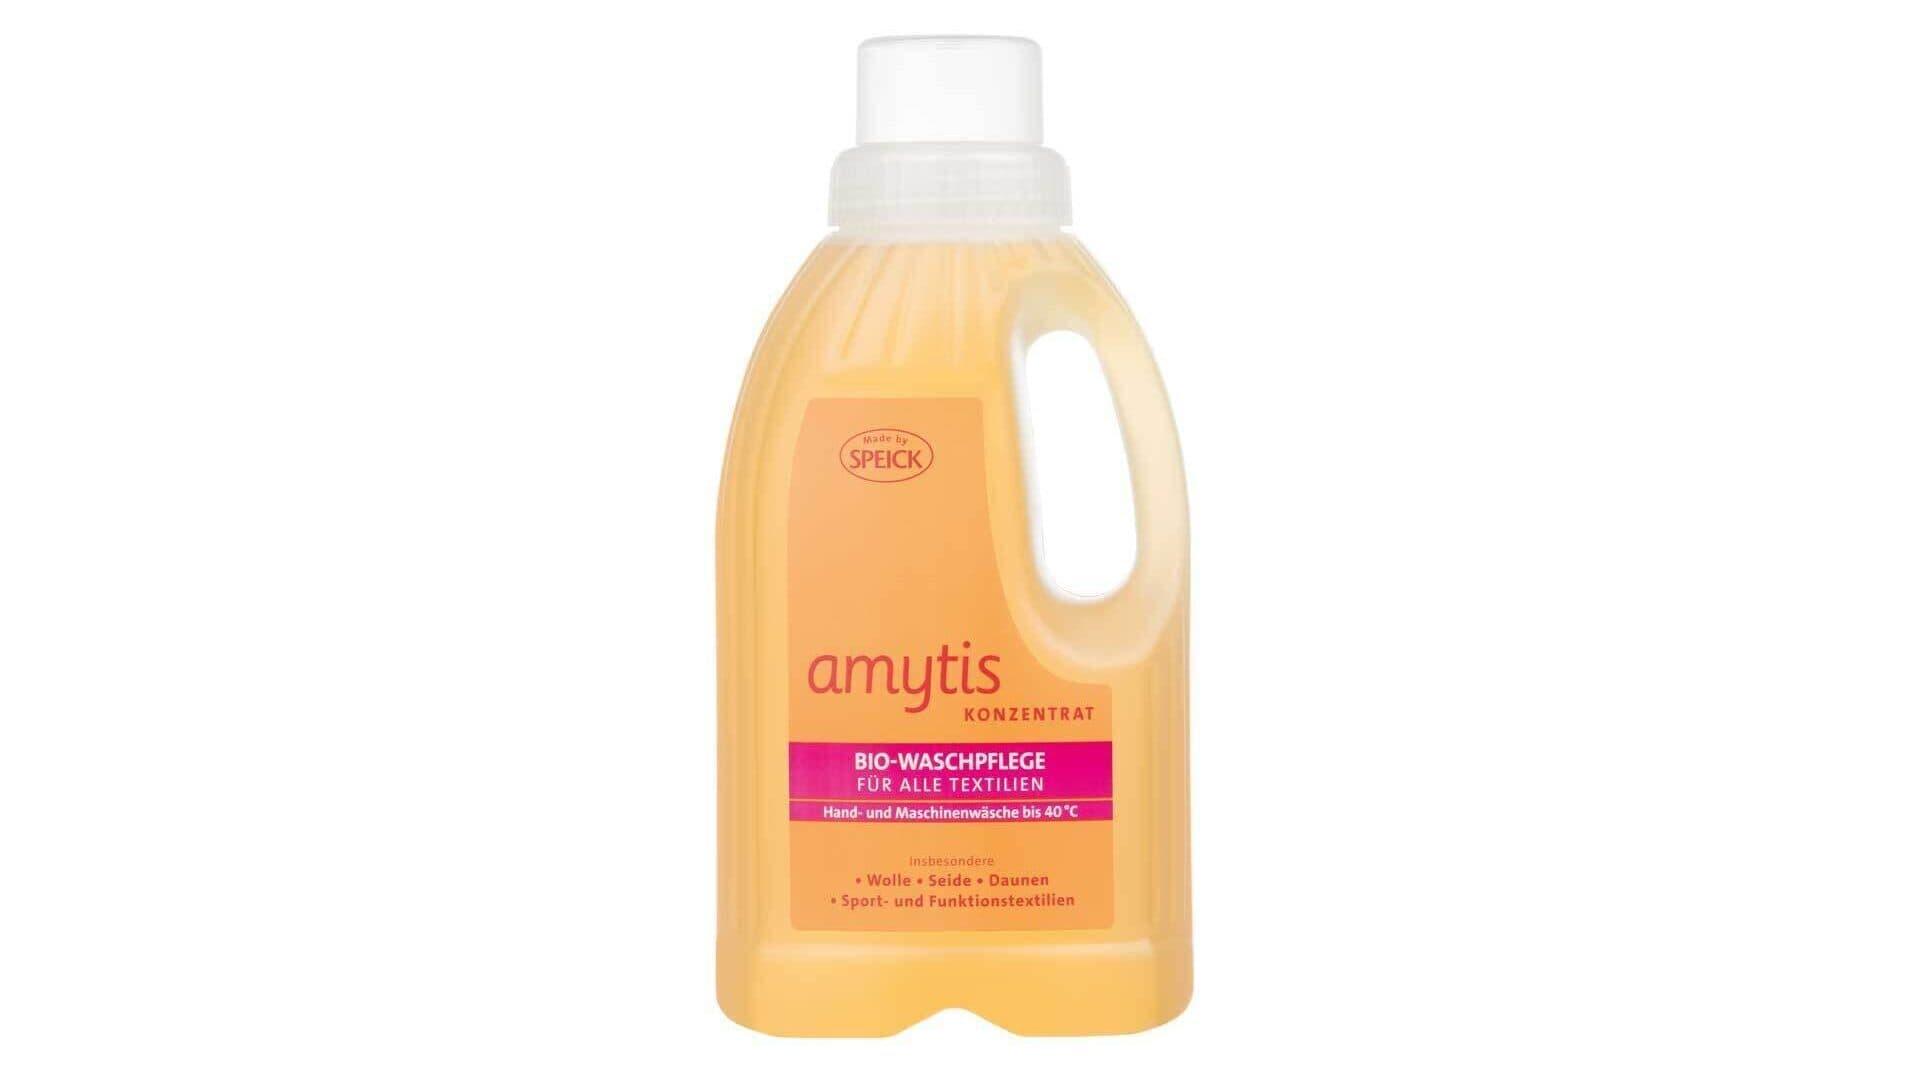 Speick Amytis Wasch Pflegemittel